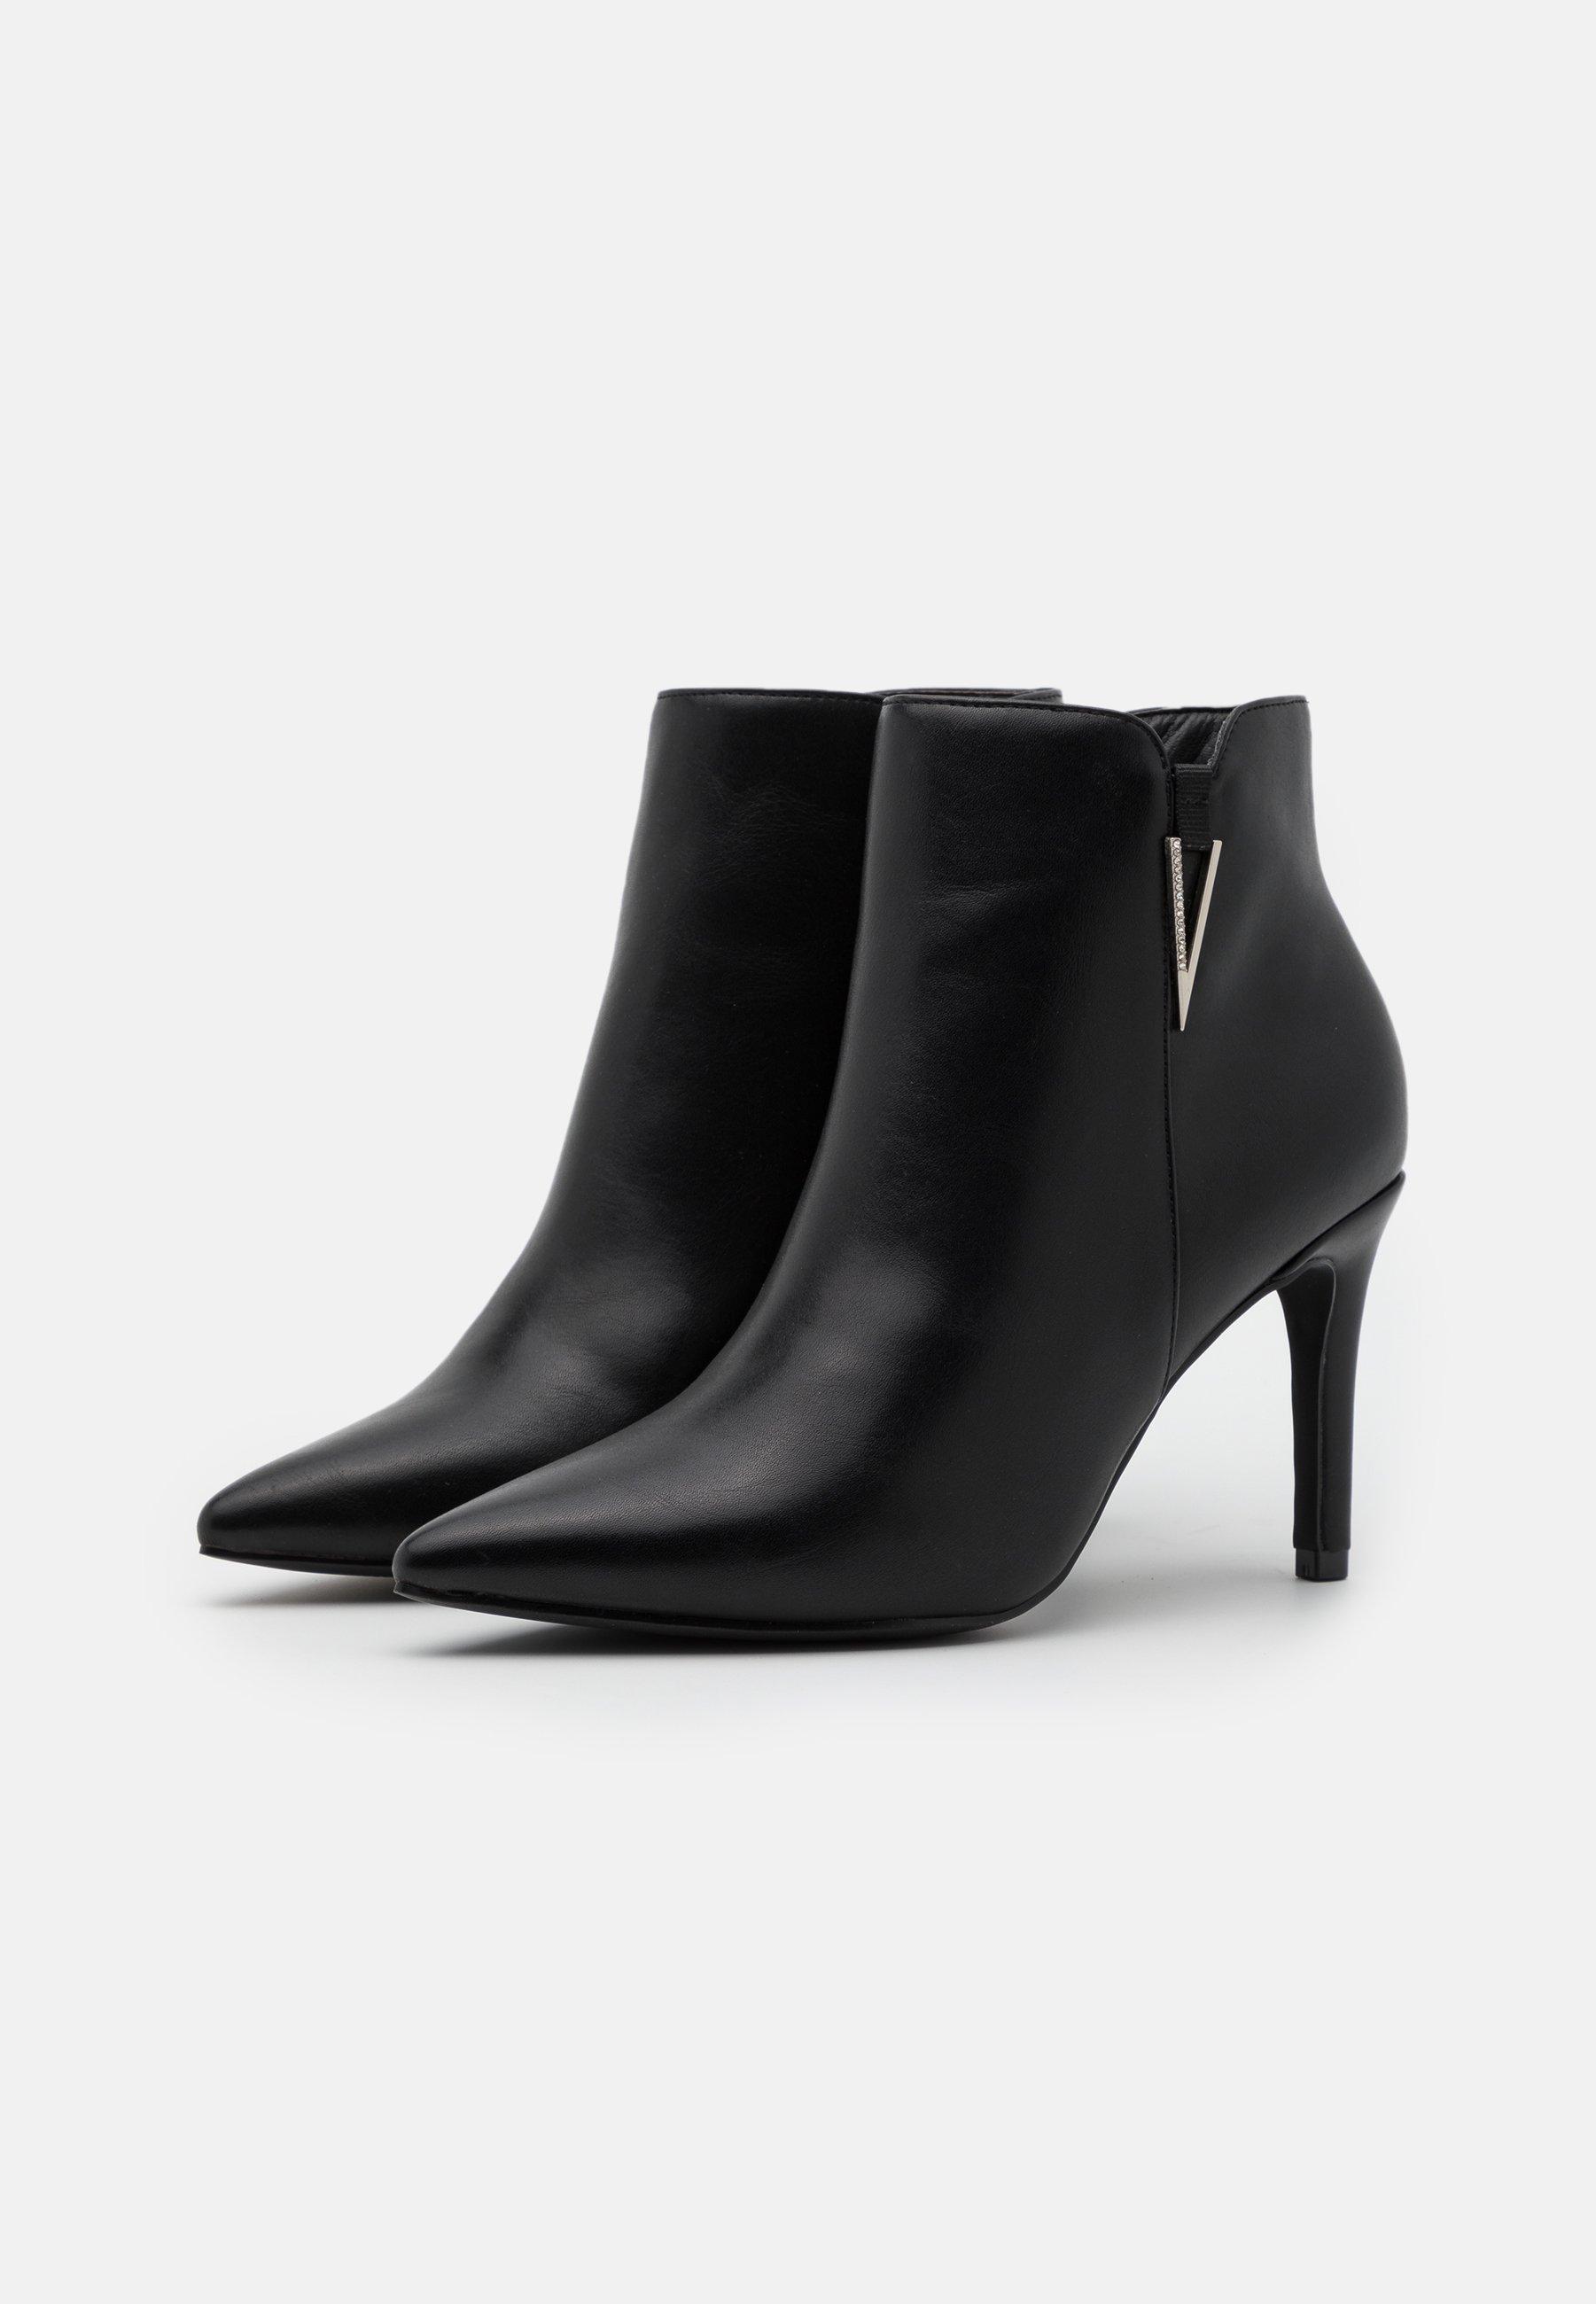 KHARISMA High Heel Stiefelette soft nero/schwarz